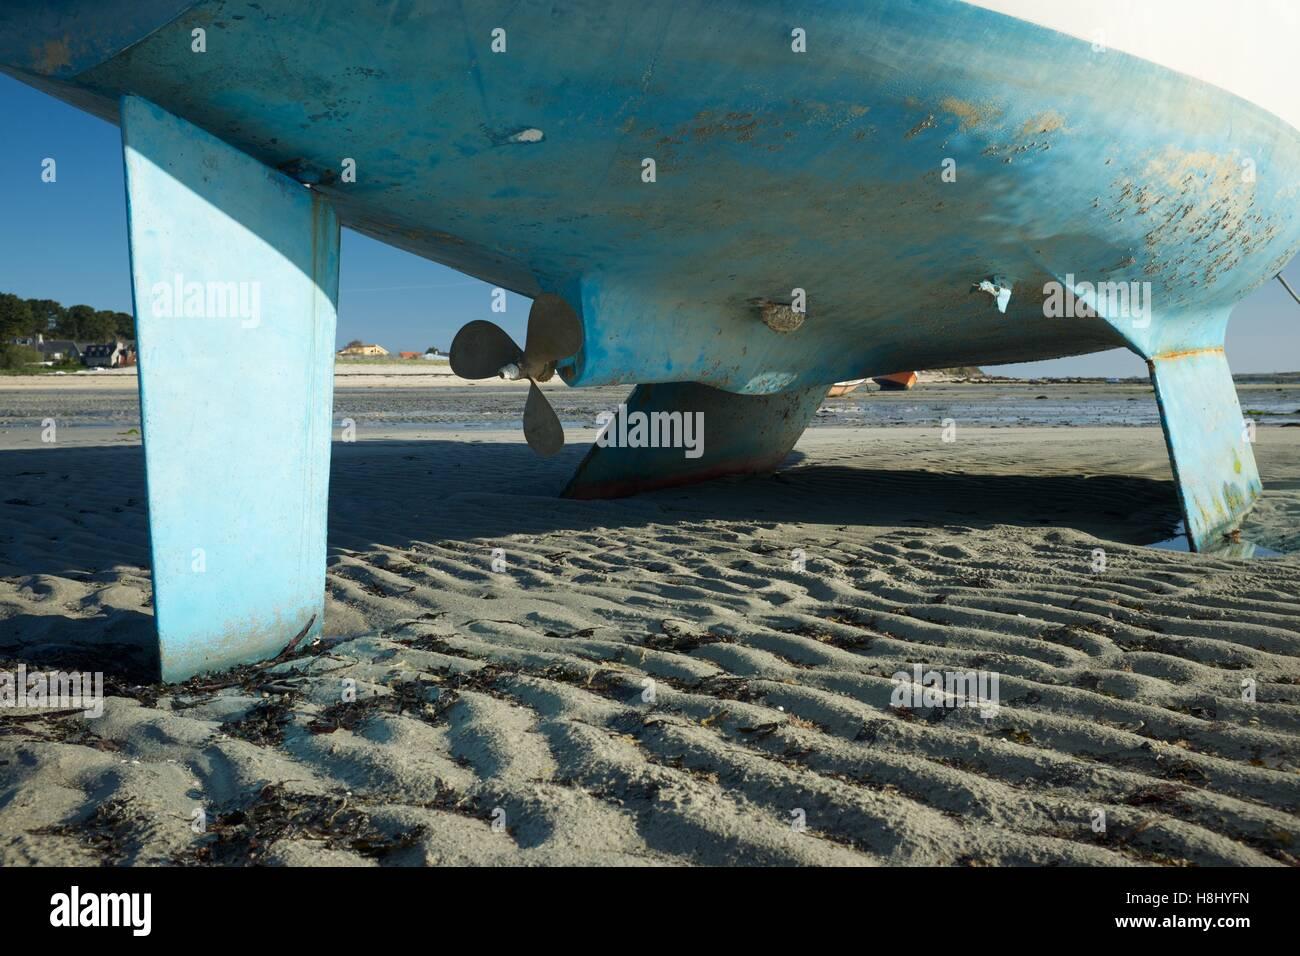 Coque de bateau à marée basse, Ile Grande, France Photo Stock